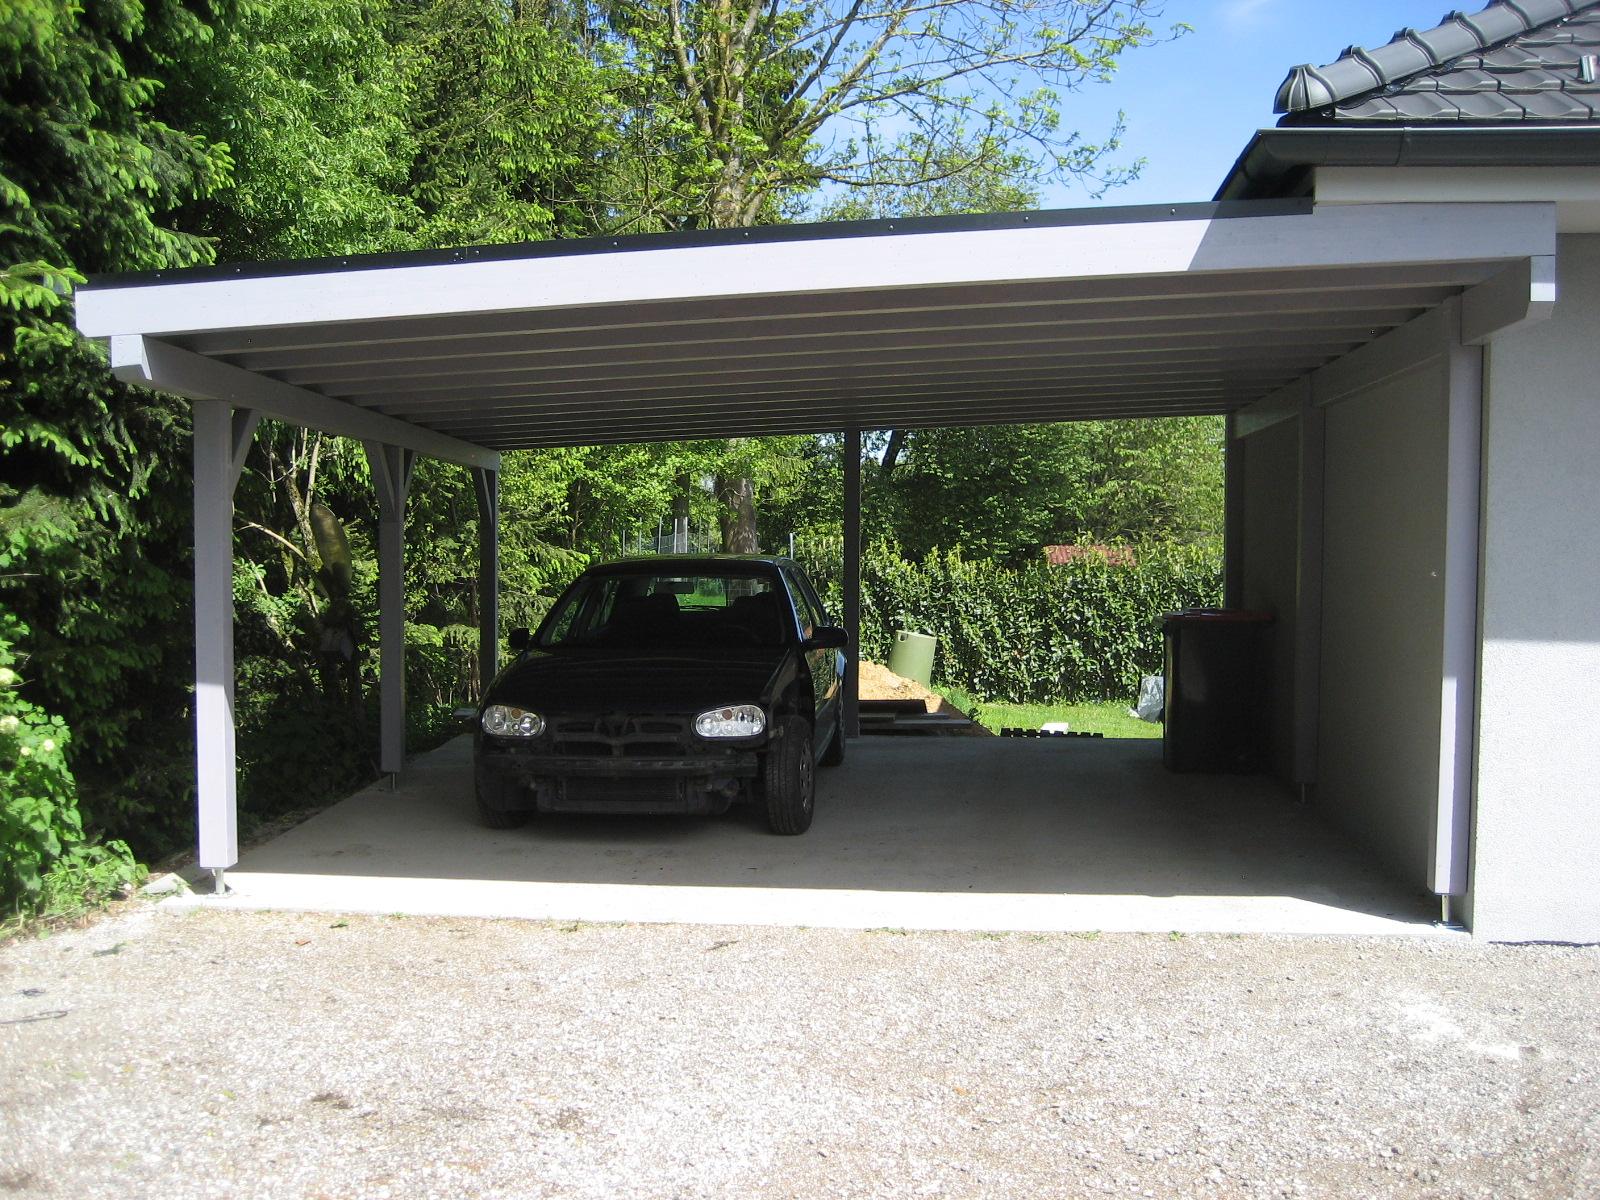 Carport in Pultdachausführung und Dacheindeckung mit Resitrix EPDM Dachfolie